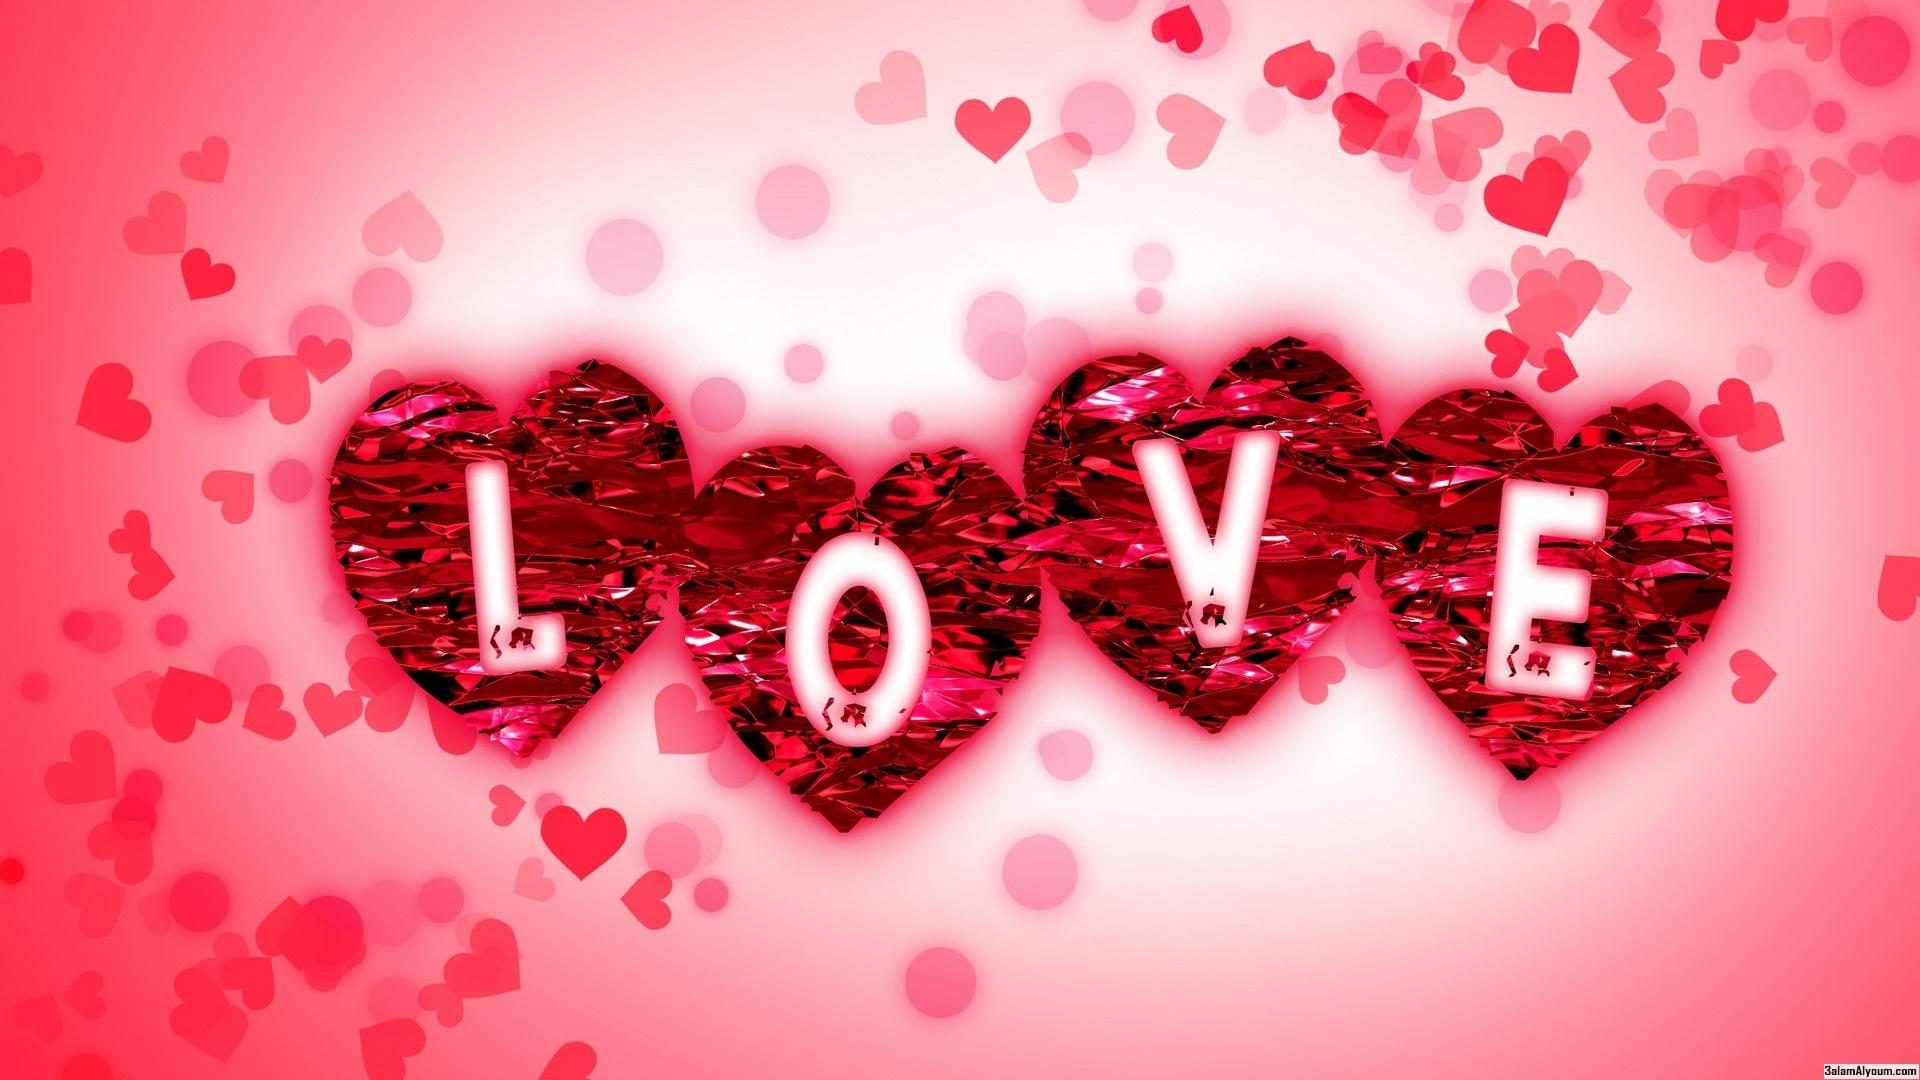 بالصور صور غلاف رومانسيه , حمل غلافا رومانسيا لحسابك في فيس بوك 4871 4